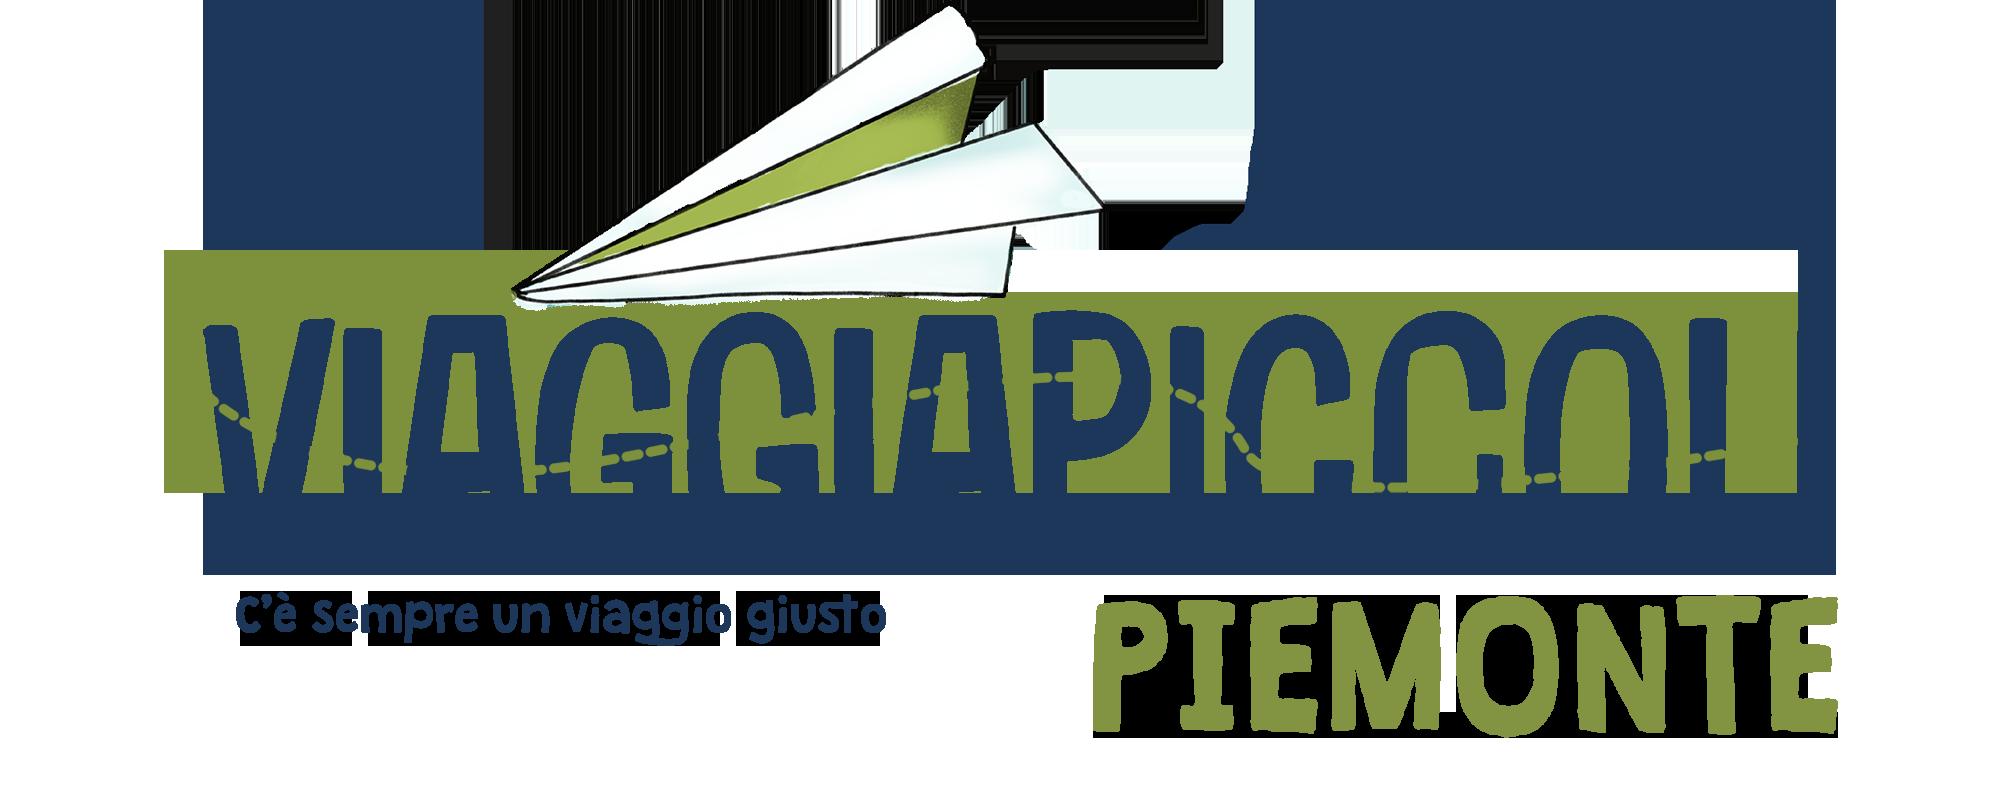 Piemonte con Viaggiapiccoli